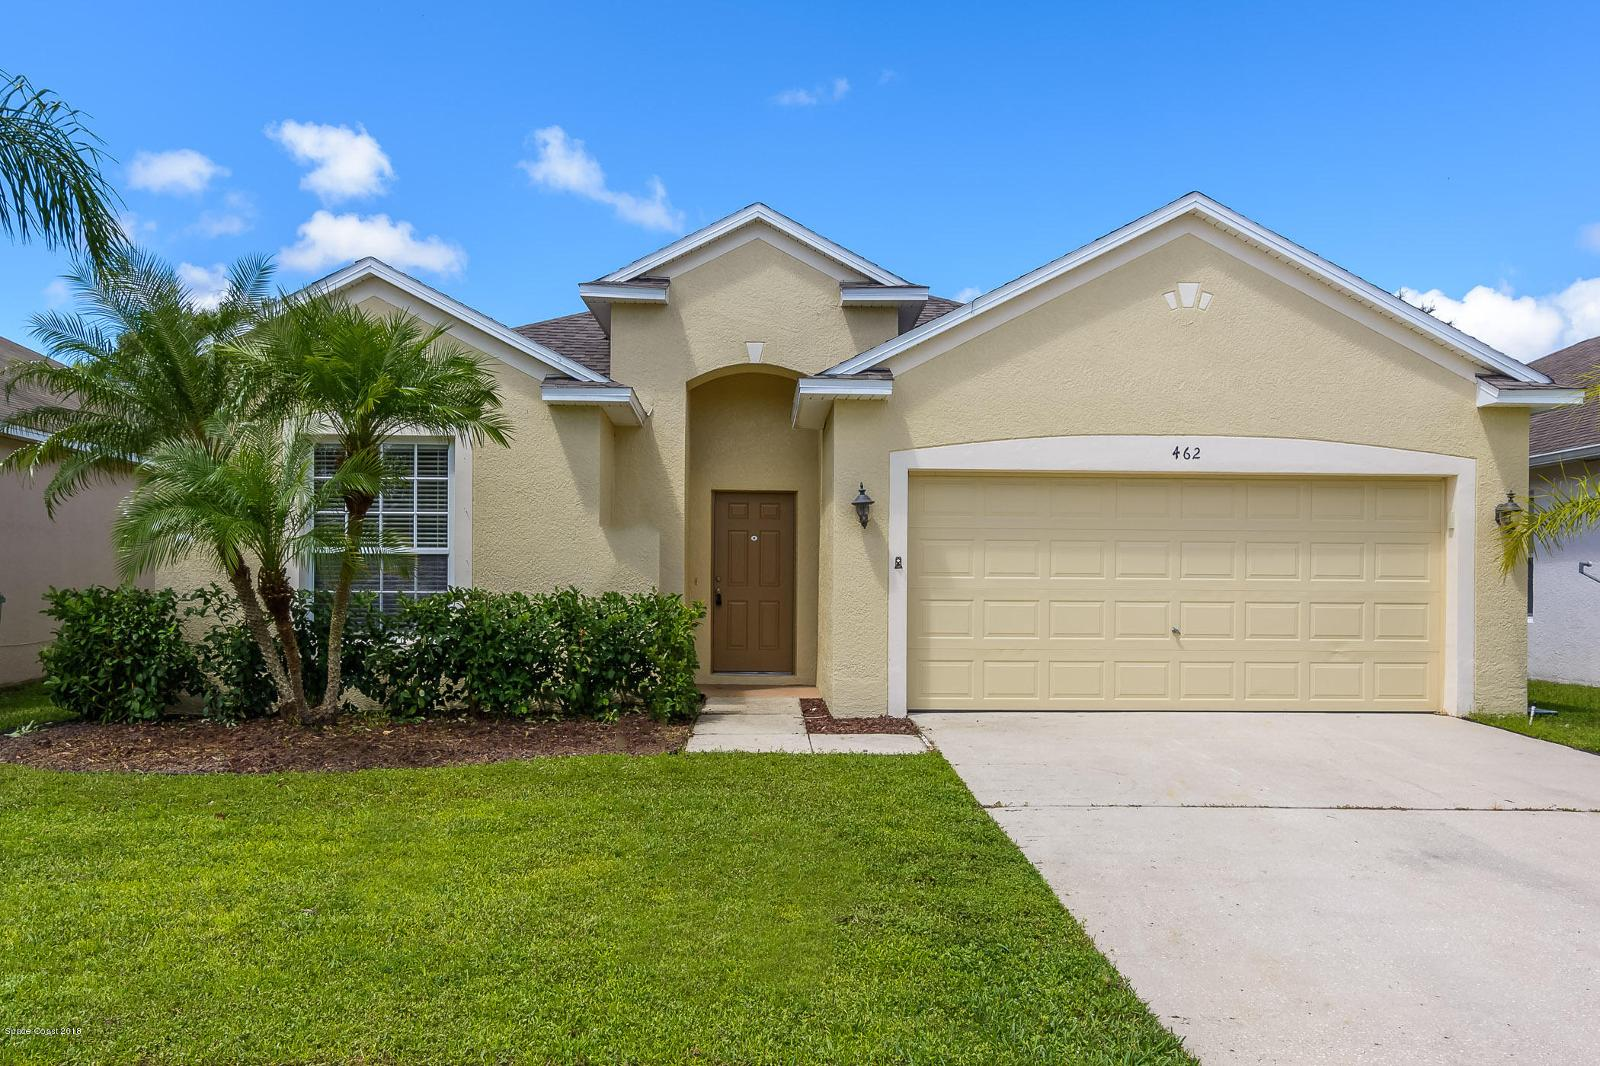 462 Cressa Cir, Cocoa, FL — MLS# 822981 — CENTURY 21 Real Estate